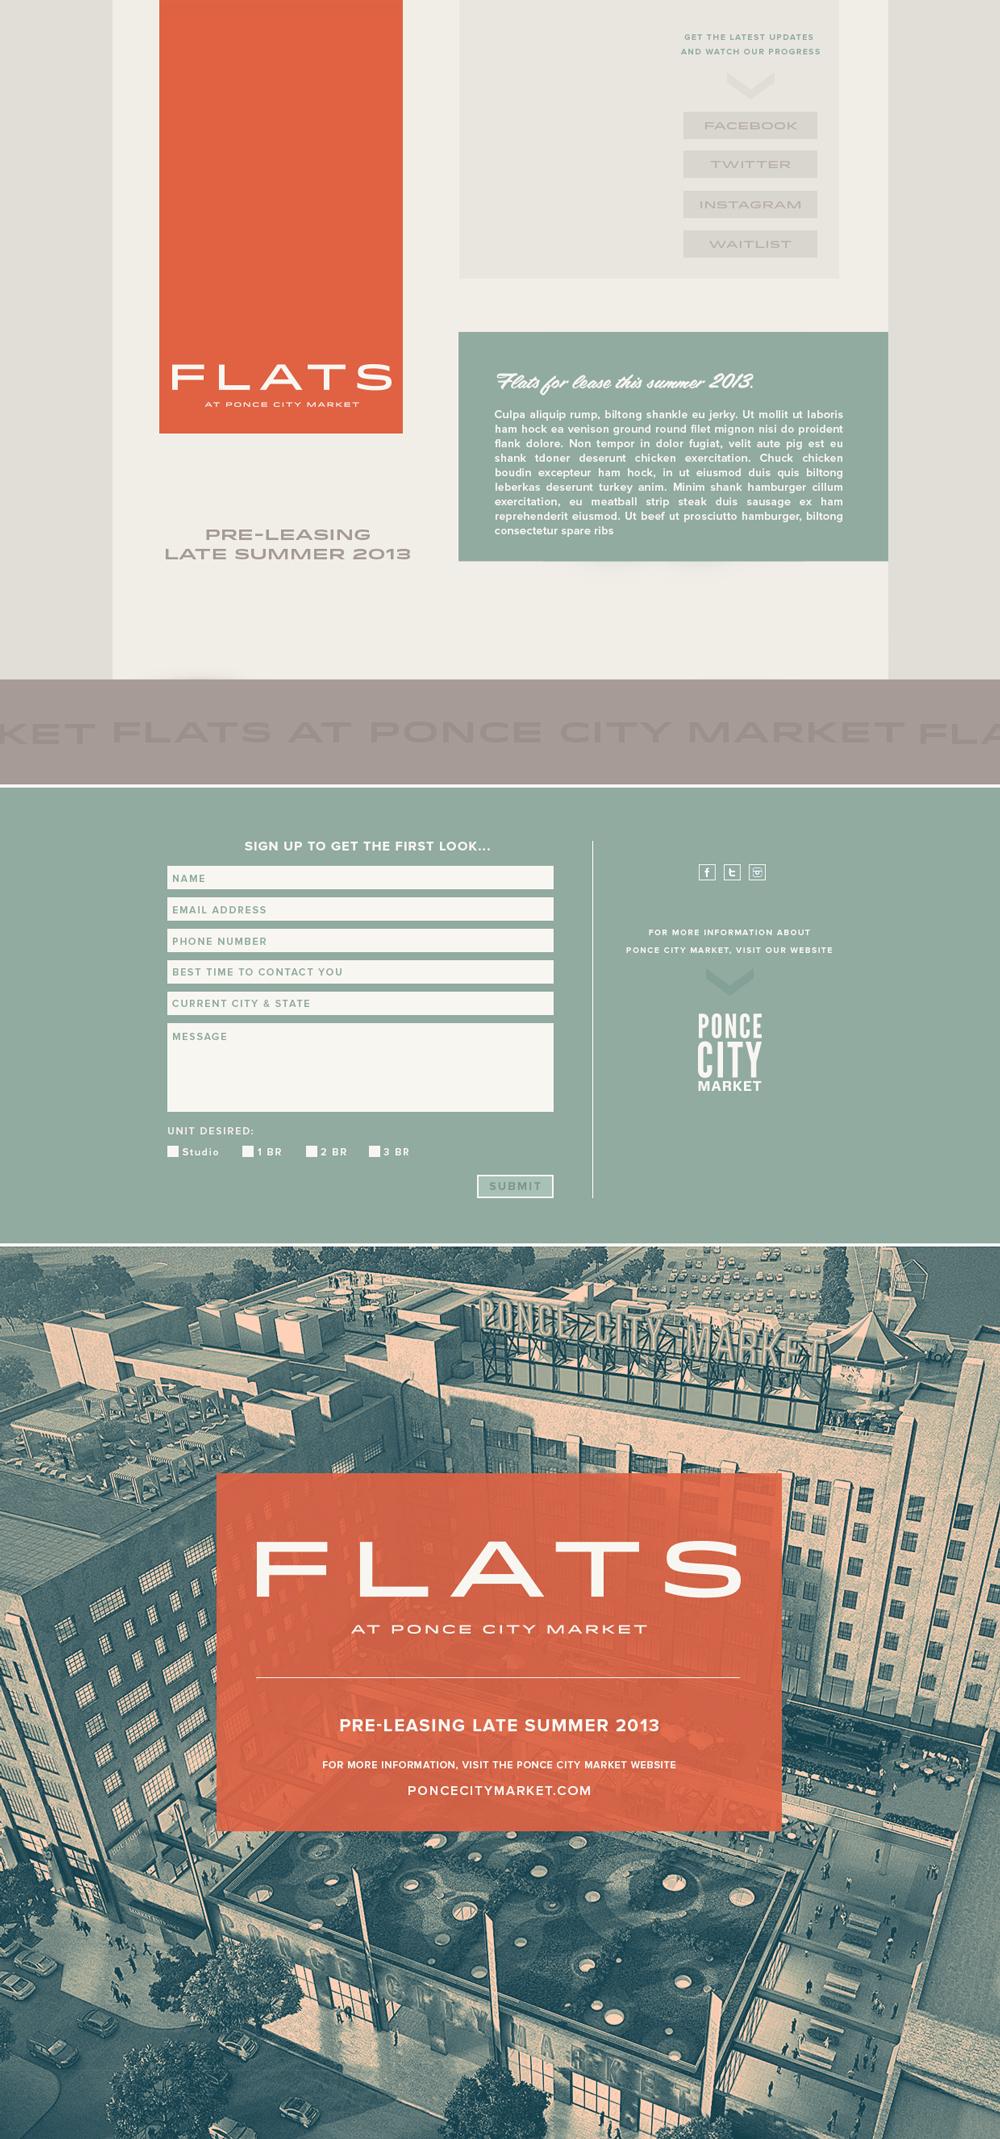 Flats-Landing.jpg